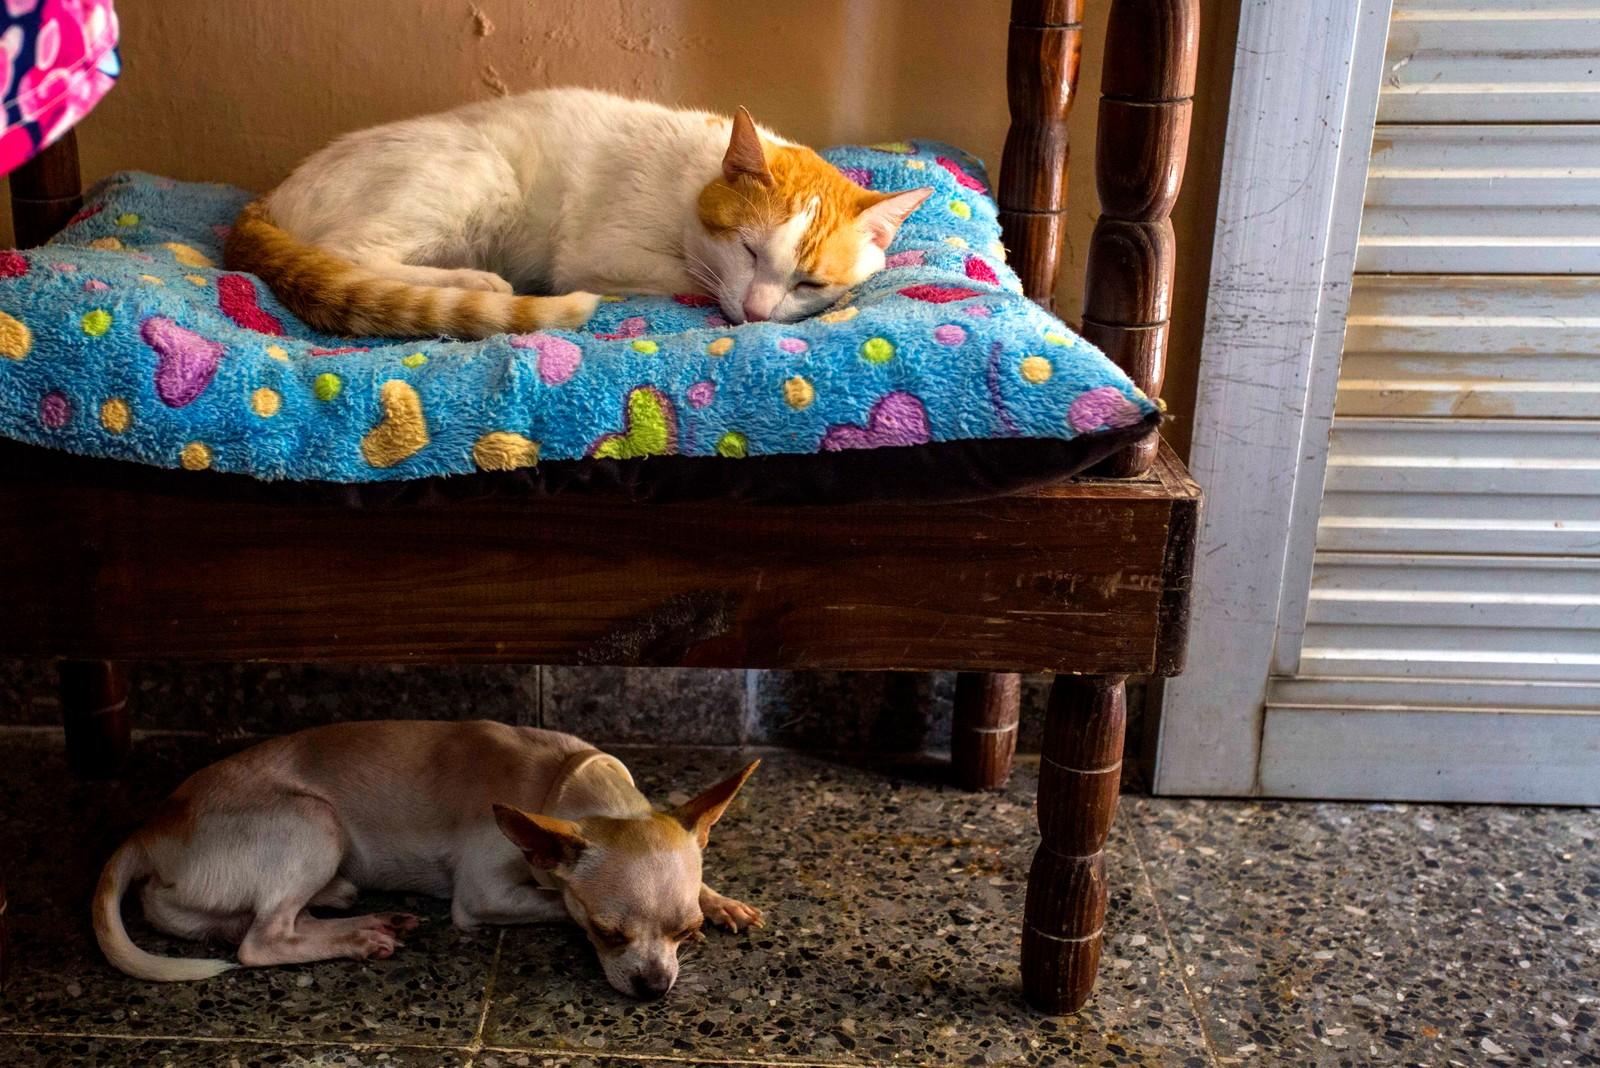 Et bilde for både hundeelskere og katteelskere. Dette bildet er fra et kjeledyrhotell i Havanna på Cuba. I de siste årene har det kommer dusinvis av lignende steder og salonger for hunder. Det er blitt skapt flere hundre jobber, og flere små påminnelser om de økende forskjellene mellom rike og fattige på øya, som for mange er forbundet med likhet og solidaritet.